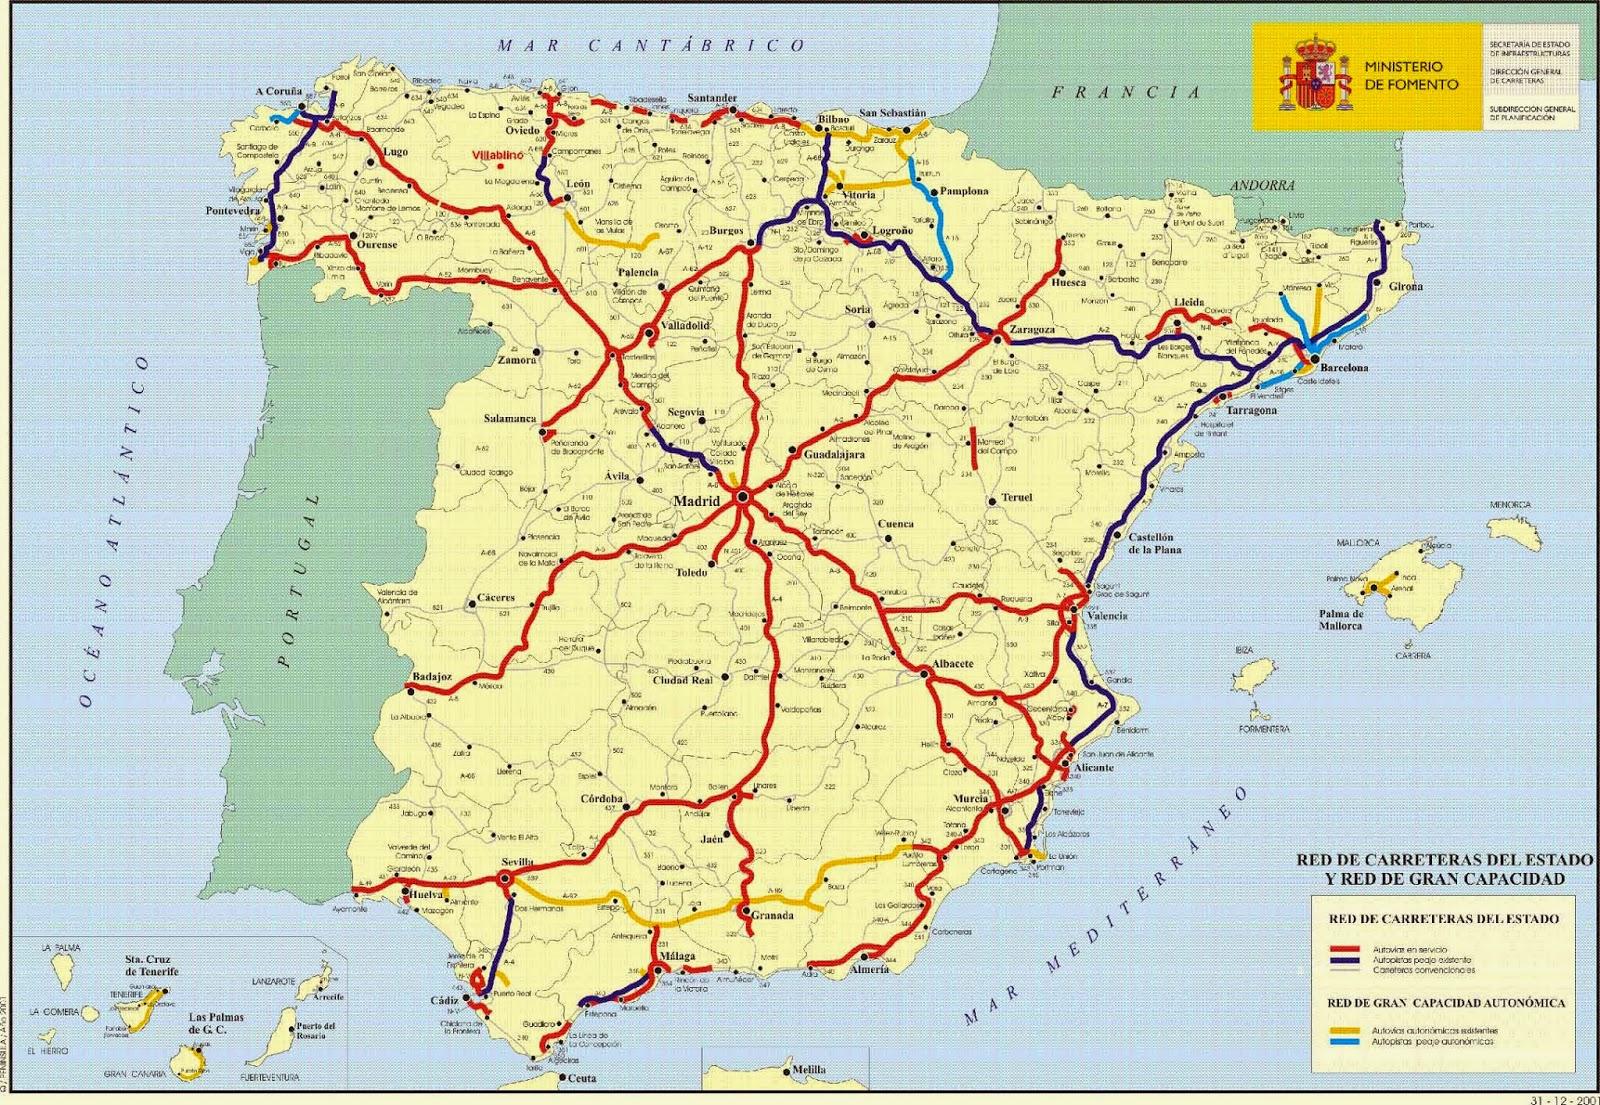 Mapa De Carreteras Espaa